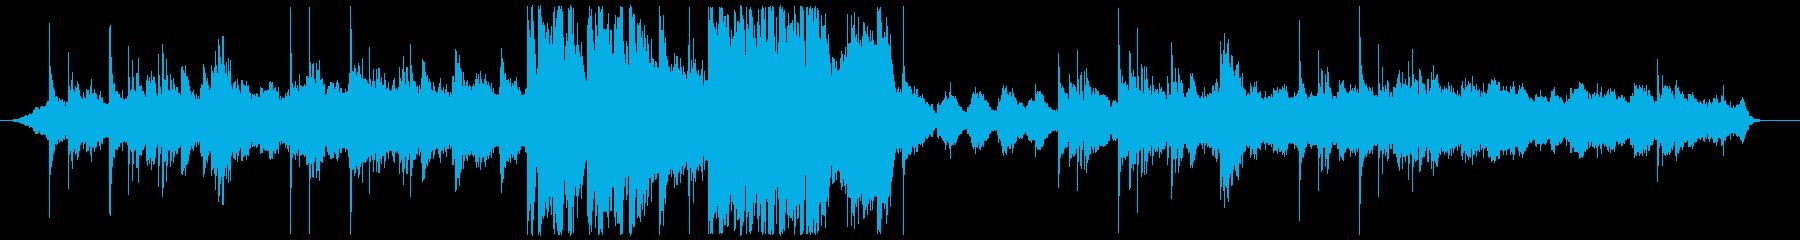 ピアノとストリングスによるファンタジーの再生済みの波形